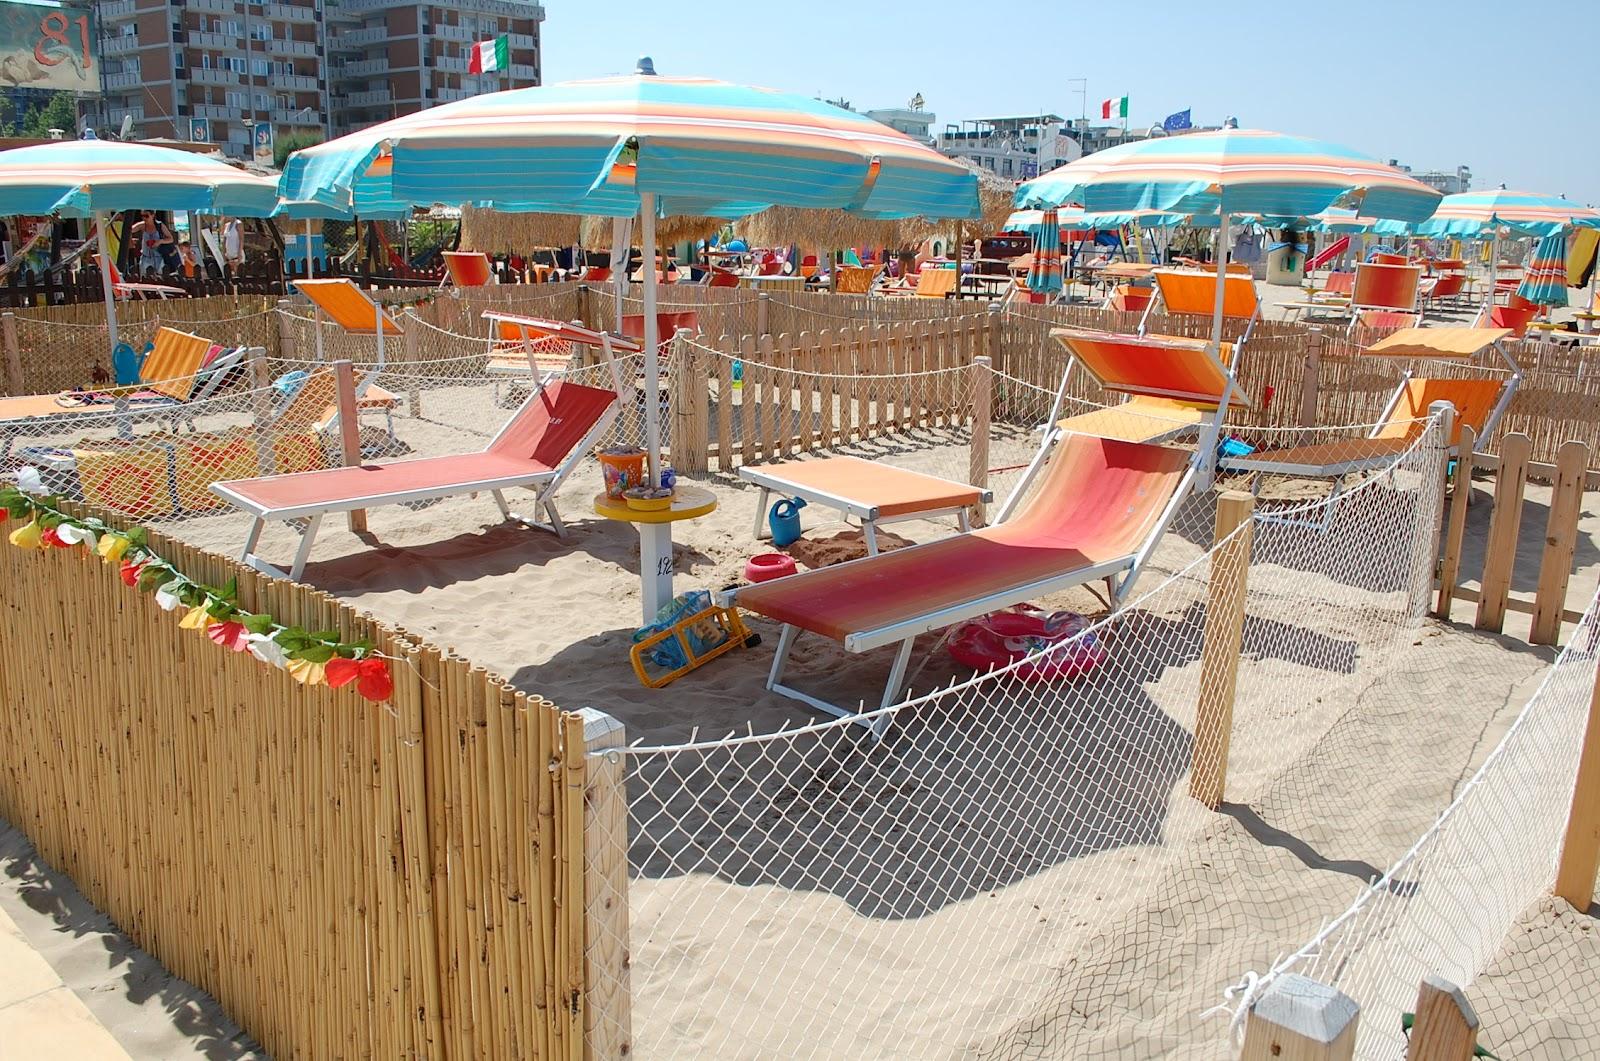 Cuore coccole by francy spiaggia 81 no problem - Bagno 81 rimini ...